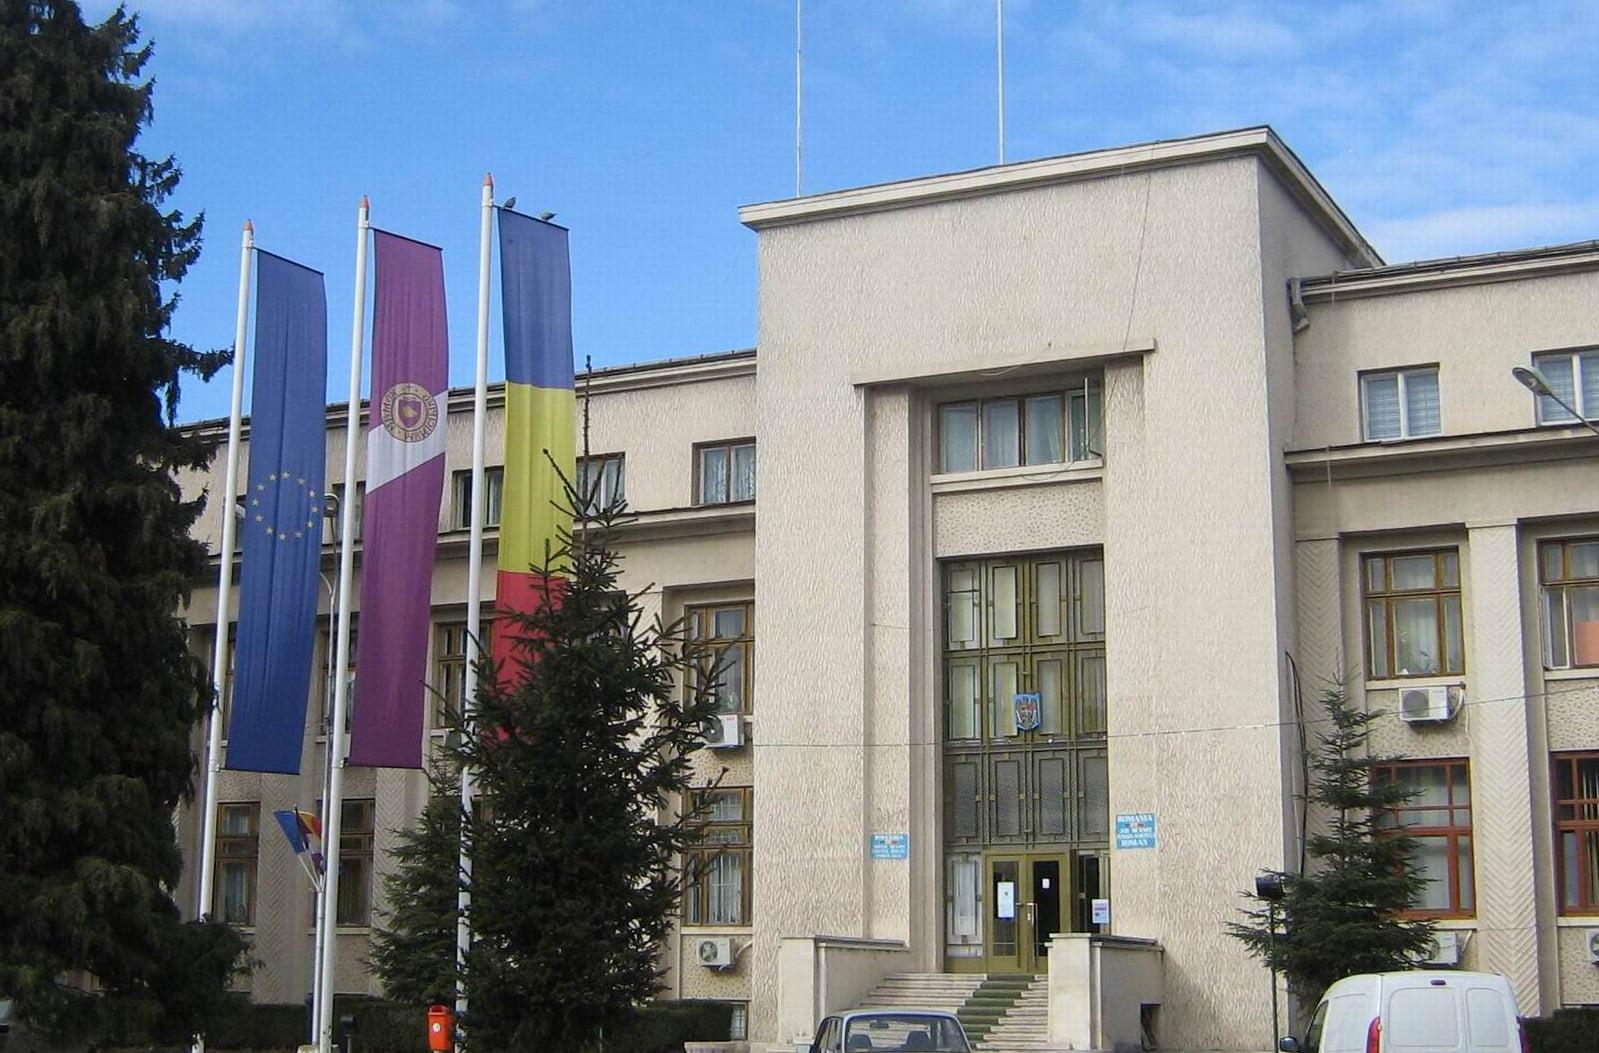 Încă o dezbatere publică pentru o nouă formă a steagului municipiului Roman